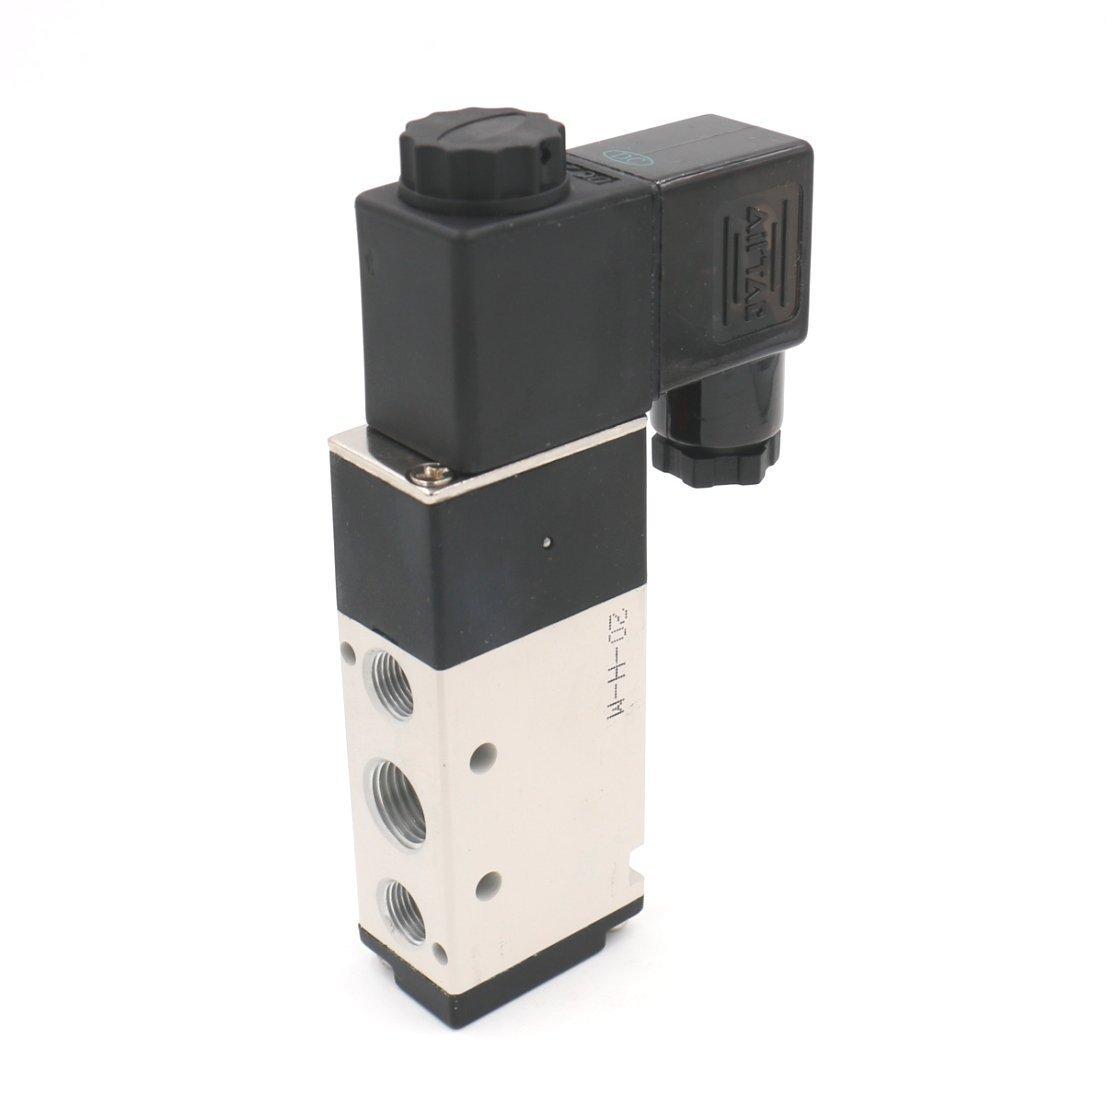 Woljay Pneumatikventil Pneumatische Magnetventil PT 1/4 Luftventil 4V210-08 DC 24V 5-Wege 2 Position Ständer Schnell Fittings Muffler Set Sanitär